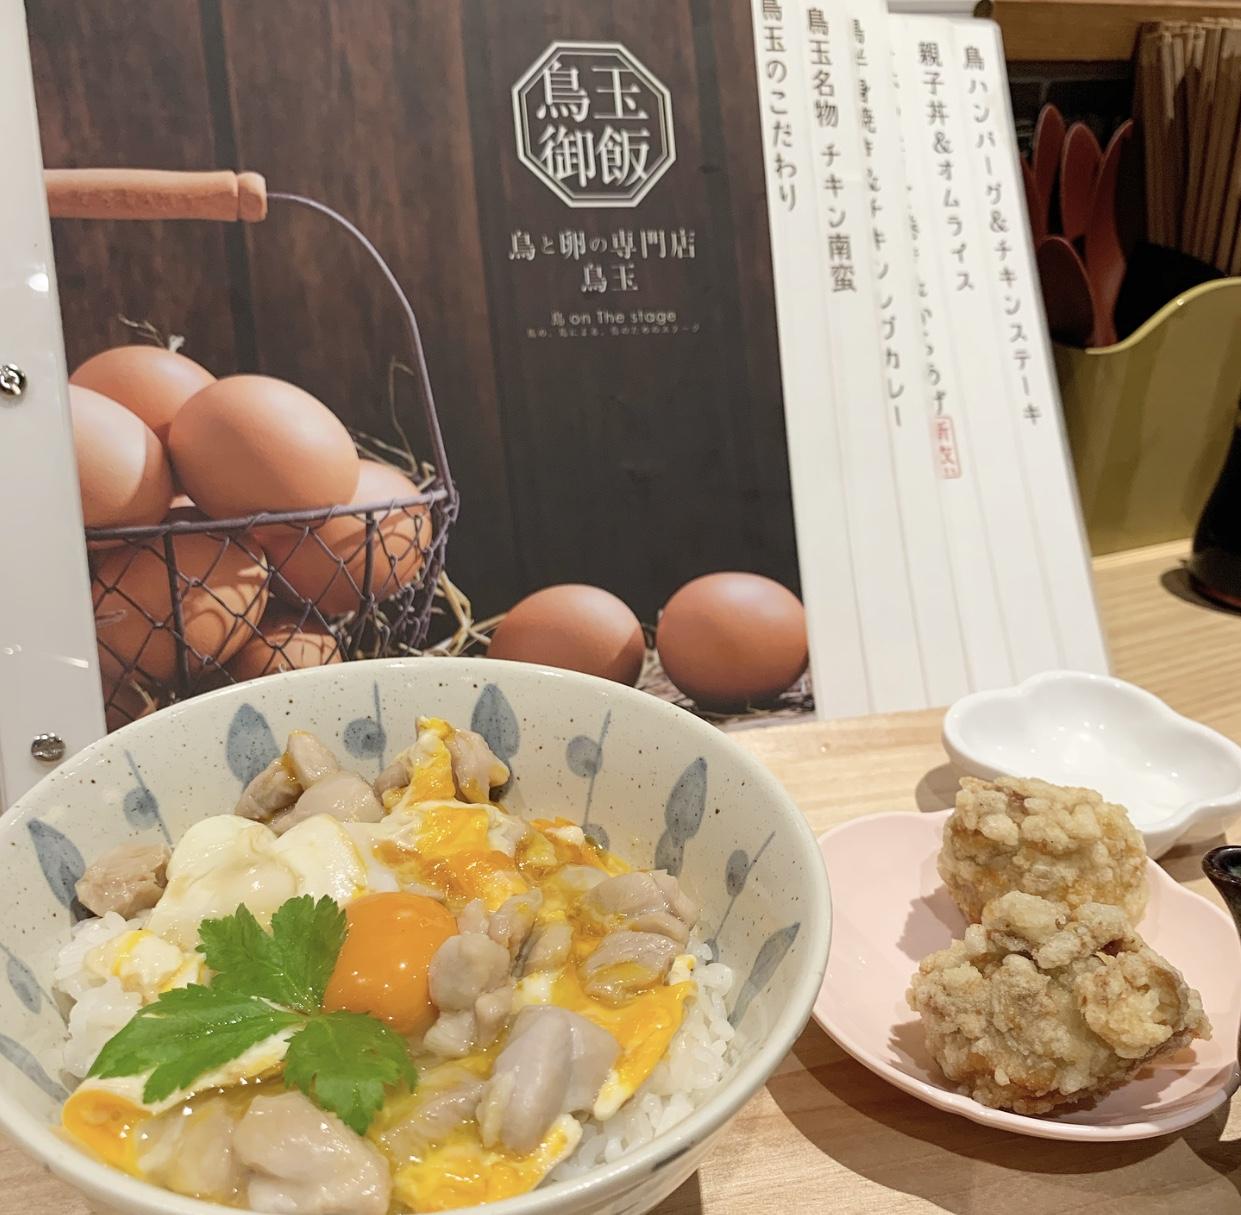 【沖縄】鳥と卵の専門店!!!おすすめの沖縄グルメご紹介します✩*॰¨̮_2